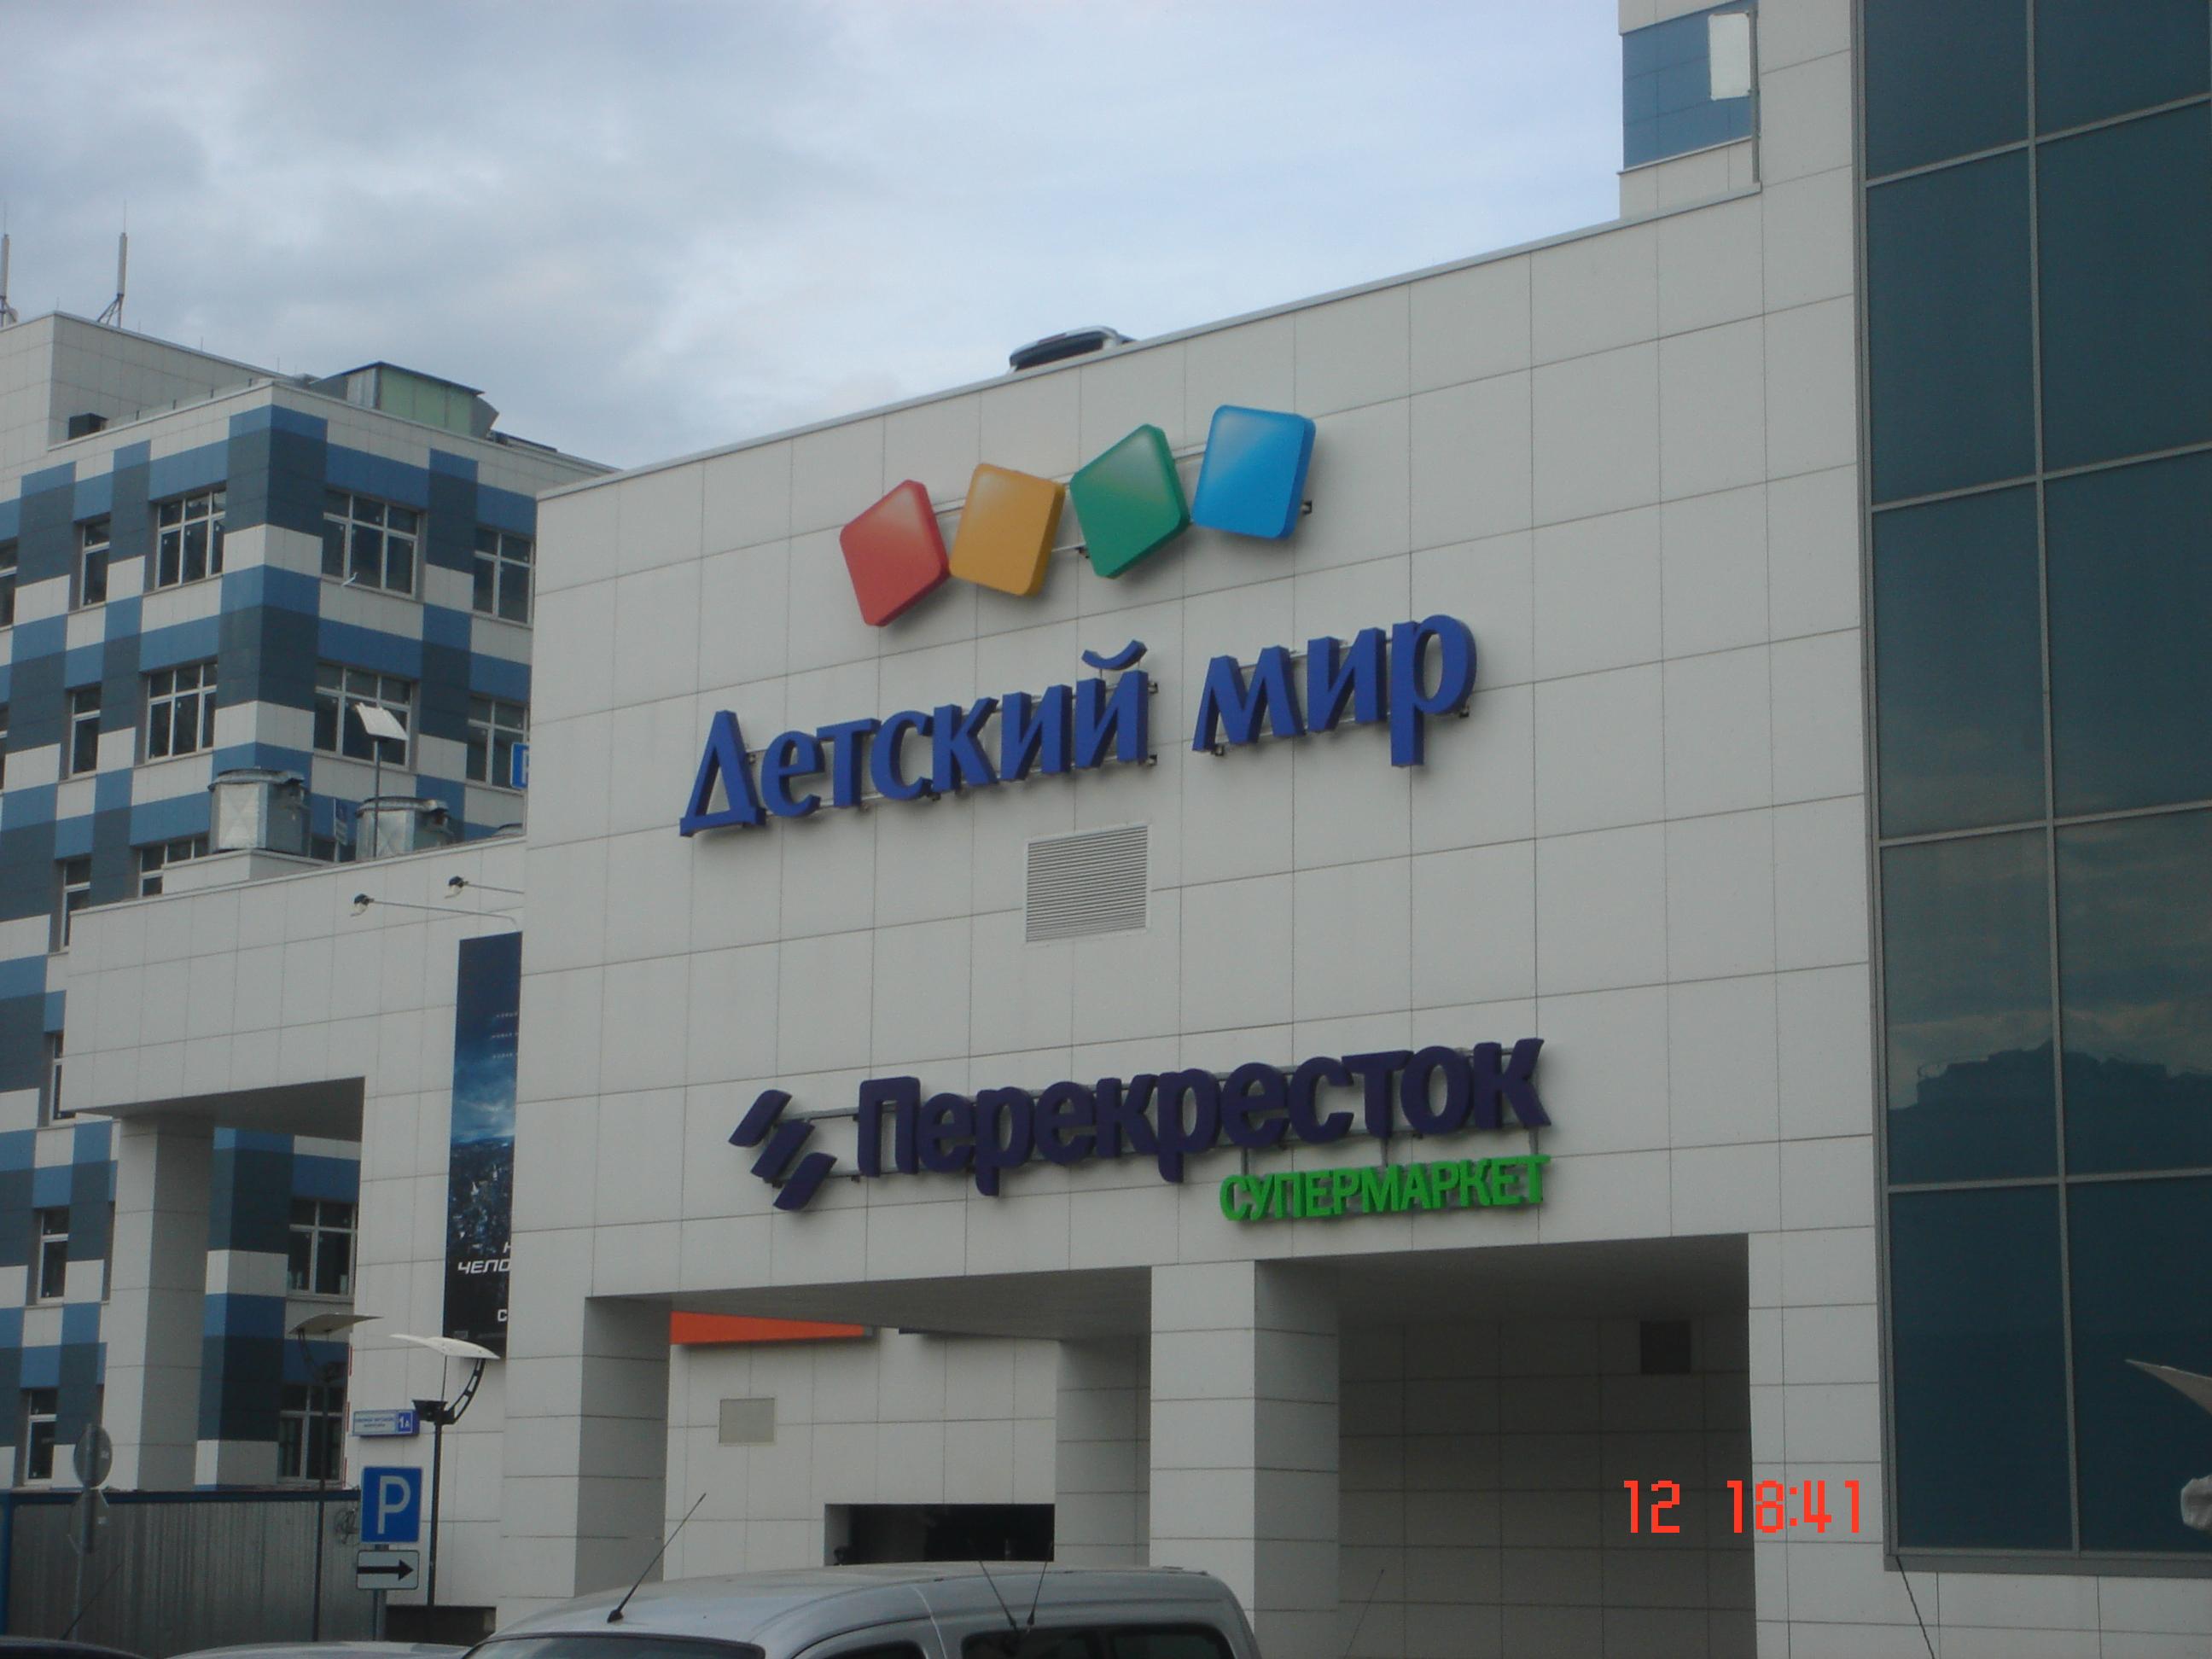 Якутск Магазин Детский Мир